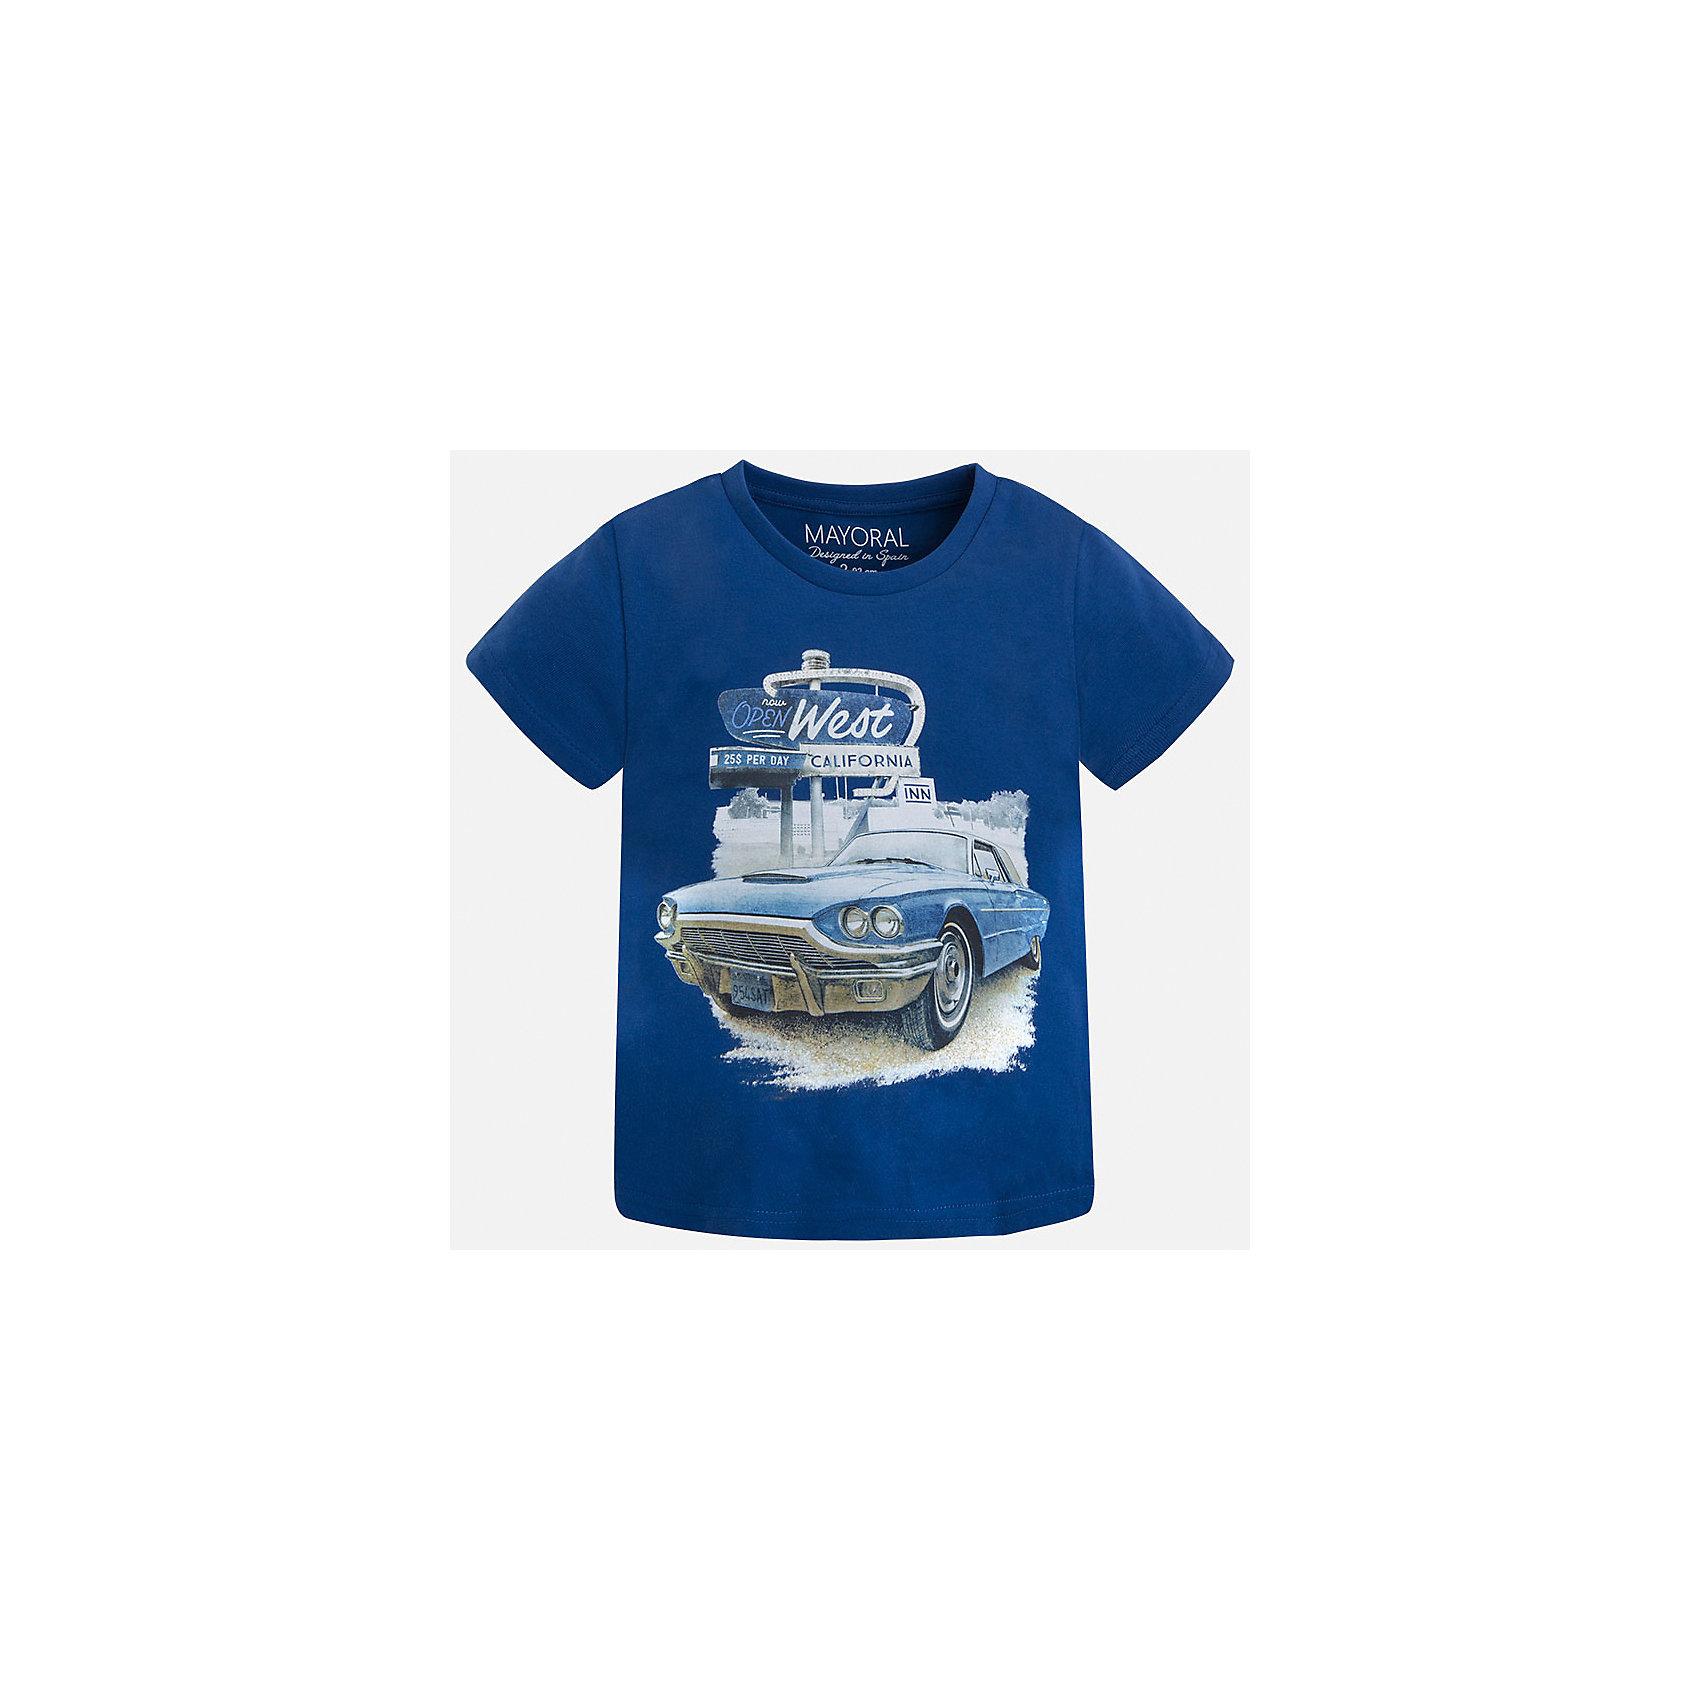 Футболка для мальчика MayoralФутболки, поло и топы<br>Характеристики товара:<br><br>• цвет: синий<br>• состав: 100% хлопок<br>• круглый горловой вырез<br>• принт впереди<br>• короткие рукава<br>• отделка горловины<br>• страна бренда: Испания<br><br>Стильная футболка с принтом поможет разнообразить гардероб мальчика. Она отлично сочетается с брюками, шортами, джинсами и т.д. Универсальный крой и цвет позволяет подобрать к вещи низ разных расцветок. Практичное и стильное изделие! В составе материала - только натуральный хлопок, гипоаллергенный, приятный на ощупь, дышащий.<br><br>Одежда, обувь и аксессуары от испанского бренда Mayoral полюбились детям и взрослым по всему миру. Модели этой марки - стильные и удобные. Для их производства используются только безопасные, качественные материалы и фурнитура. Порадуйте ребенка модными и красивыми вещами от Mayoral! <br><br>Футболку для мальчика от испанского бренда Mayoral (Майорал) можно купить в нашем интернет-магазине.<br><br>Ширина мм: 199<br>Глубина мм: 10<br>Высота мм: 161<br>Вес г: 151<br>Цвет: серый<br>Возраст от месяцев: 72<br>Возраст до месяцев: 84<br>Пол: Мужской<br>Возраст: Детский<br>Размер: 92,134,110,128,122,116,104,98<br>SKU: 5280110